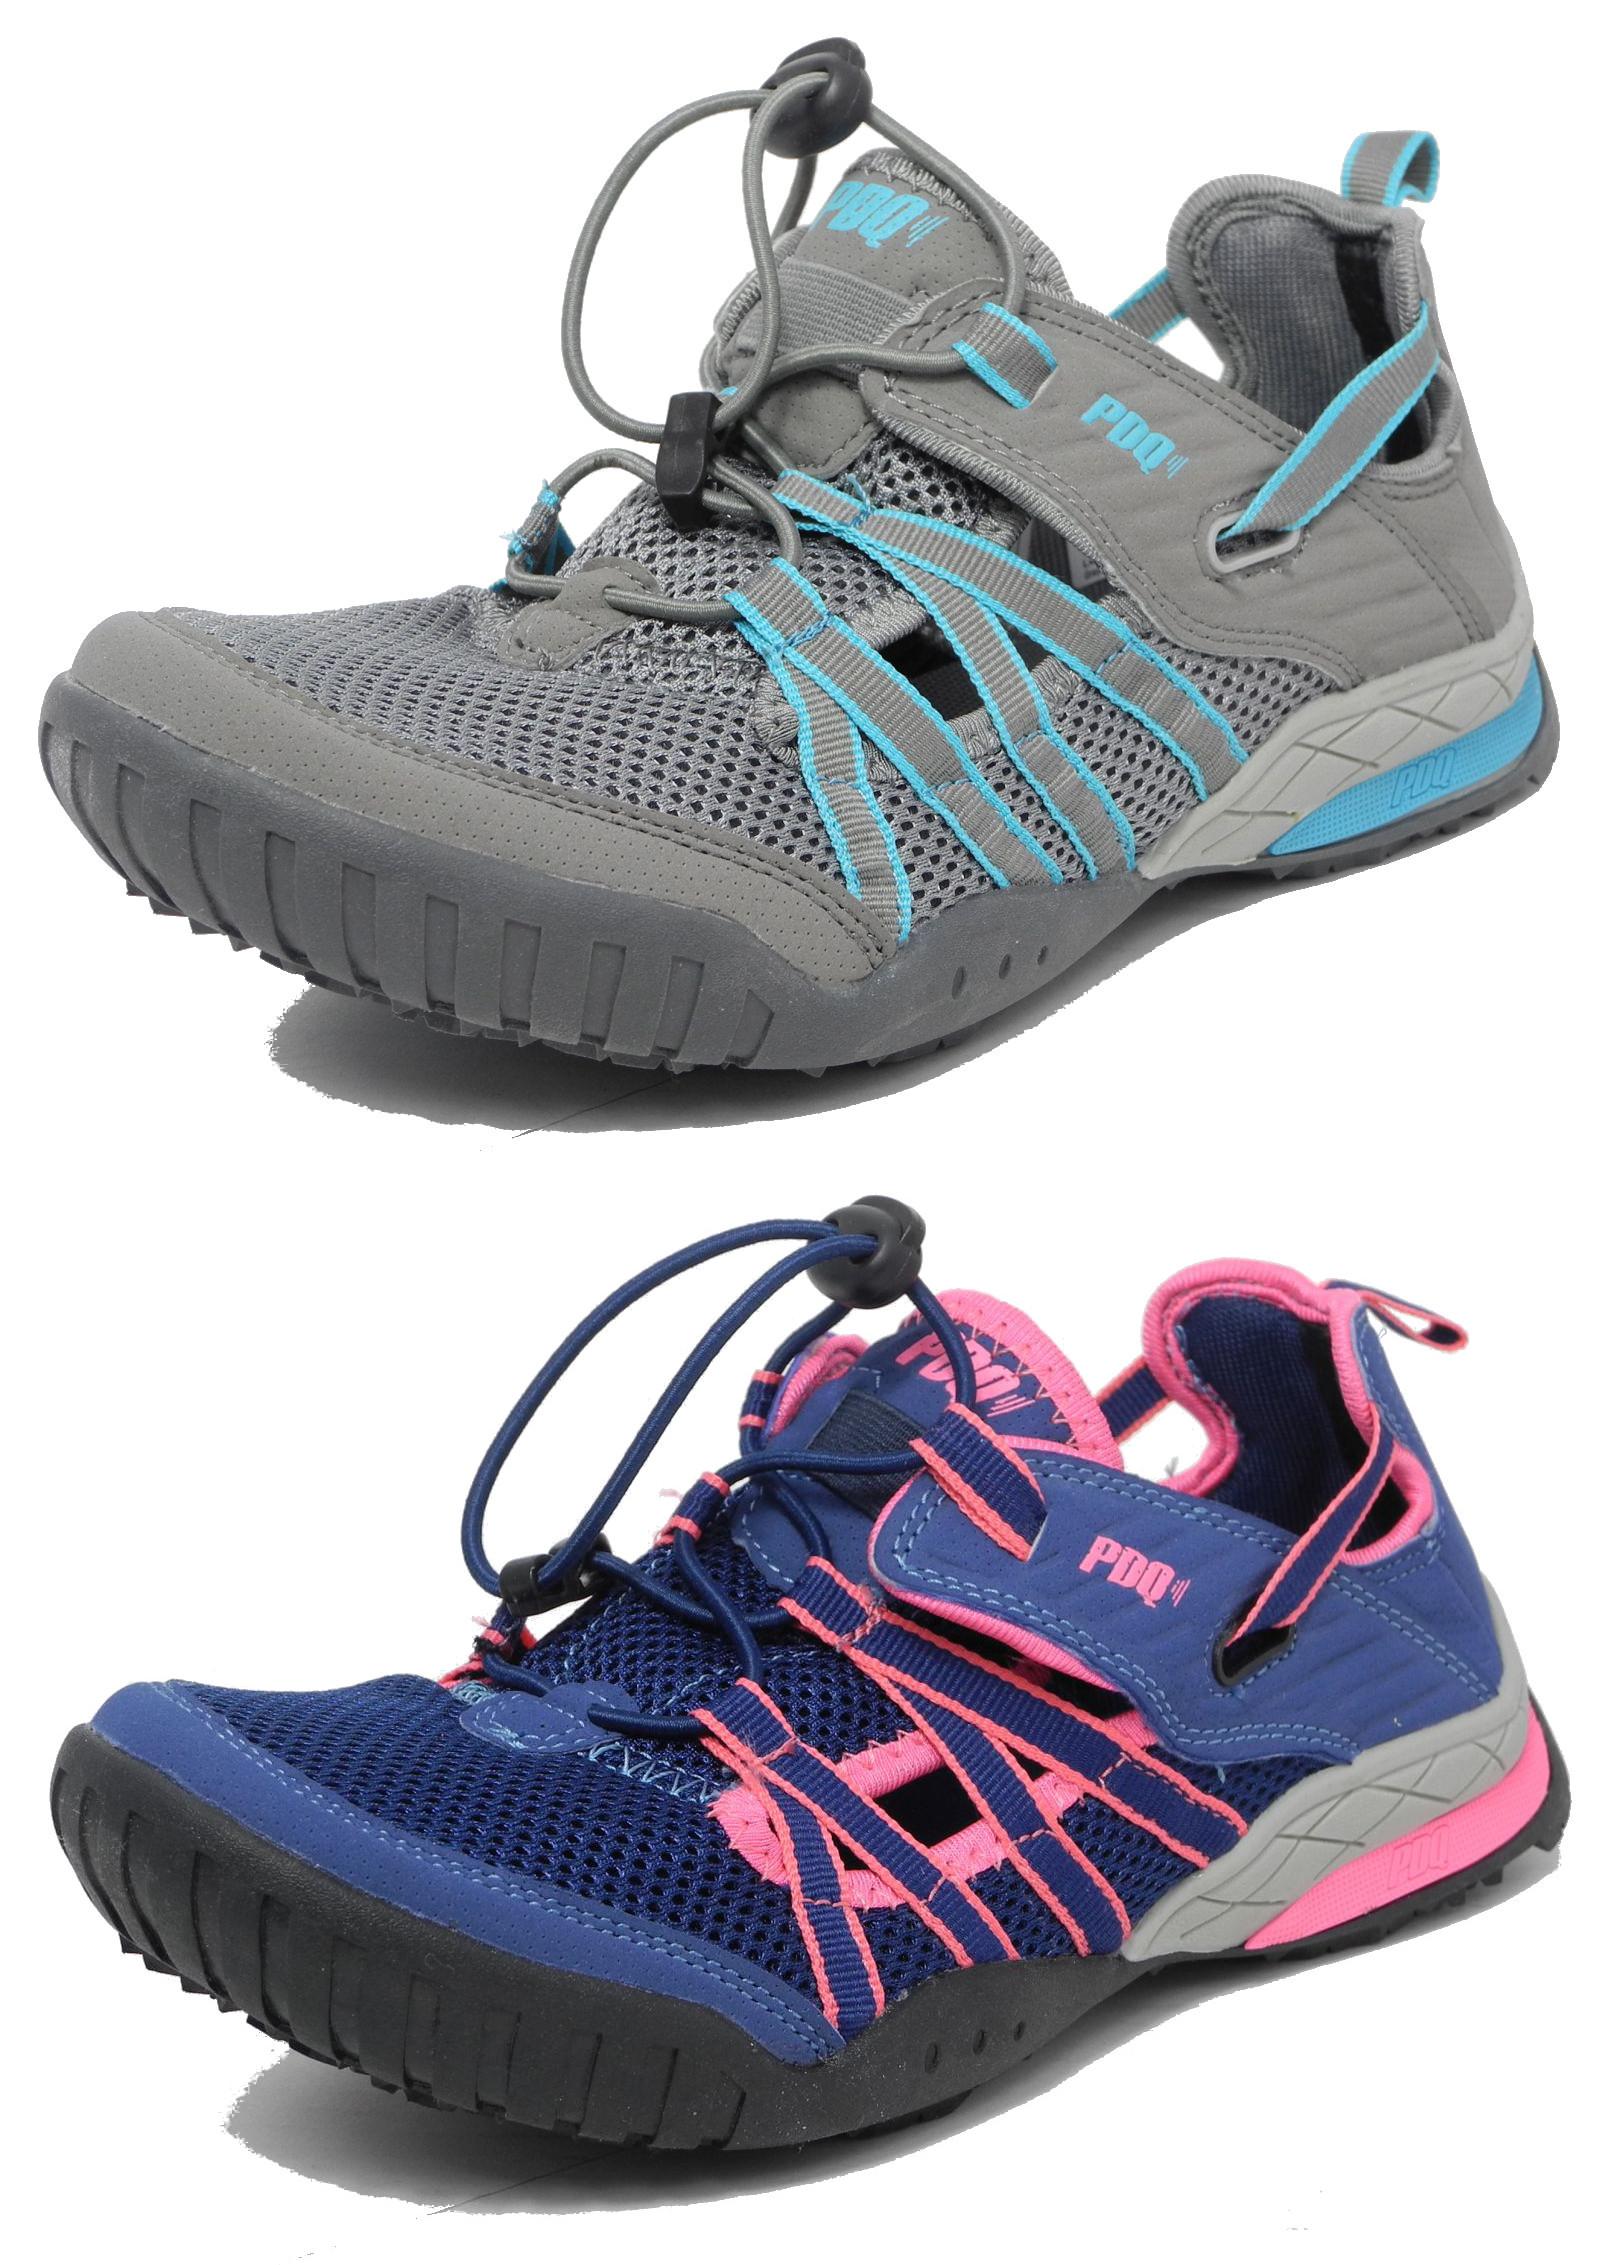 Reebok Zigkick Tahoe Road Ii Womens Size 7 White Wide Running Shoes